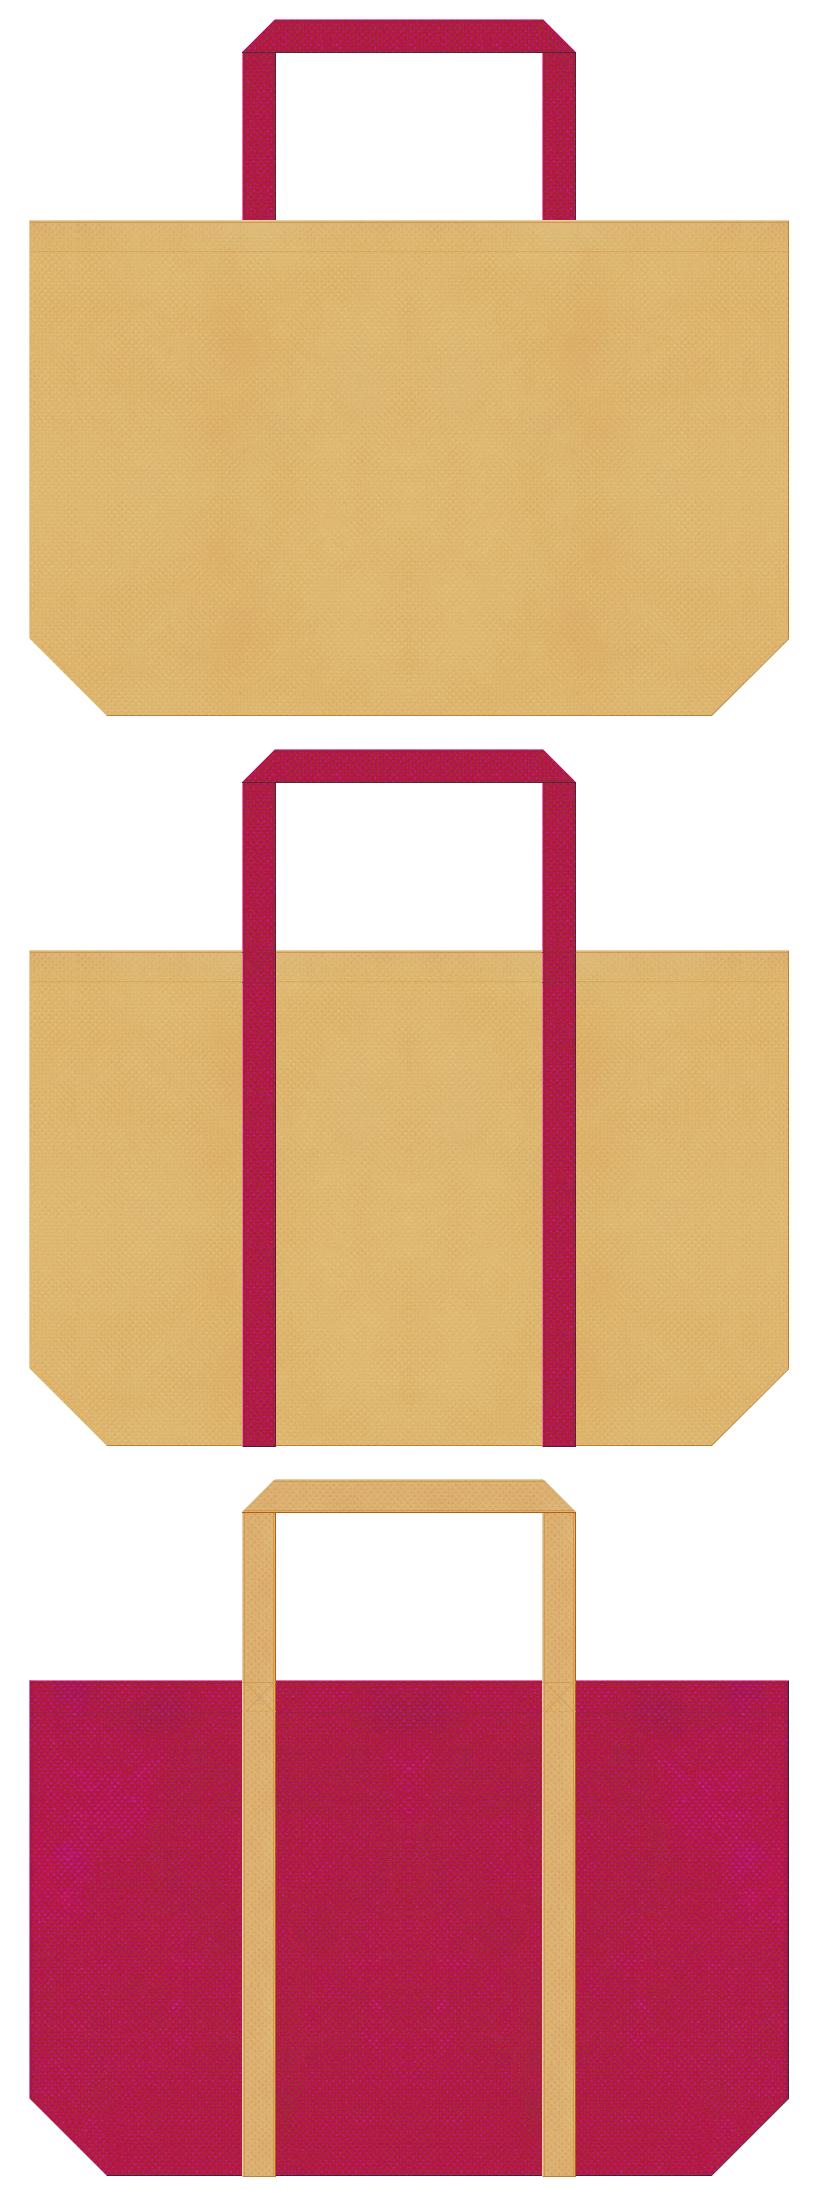 薄黄土色と濃いピンク色の不織布バッグデザイン。トロピカルイメージで、トラベルバッグのノベルティにお奨めです。